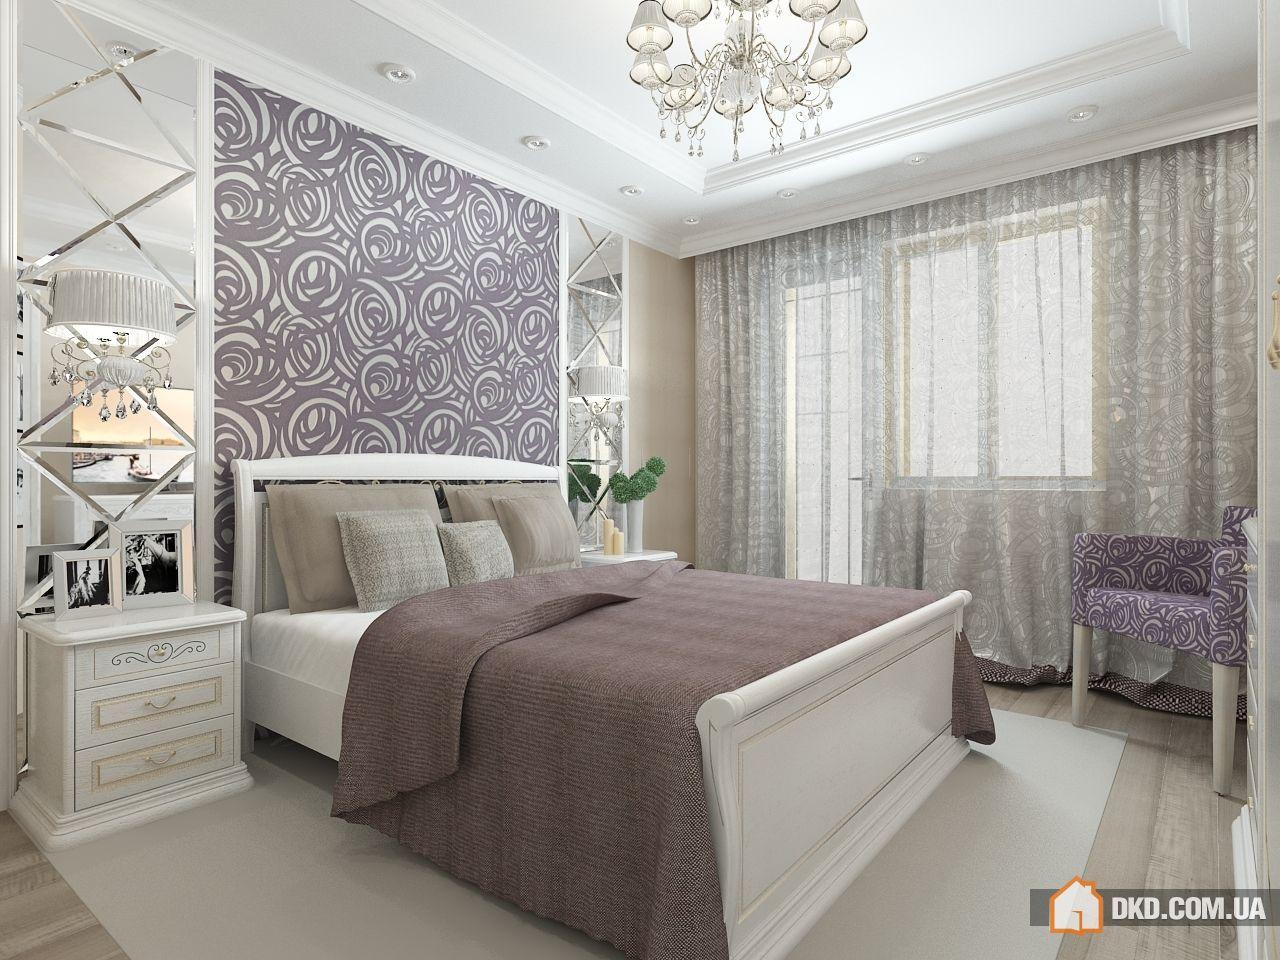 Langes schmales schlafzimmer einrichten - Dekorationsvorschlage fur gardinen ...